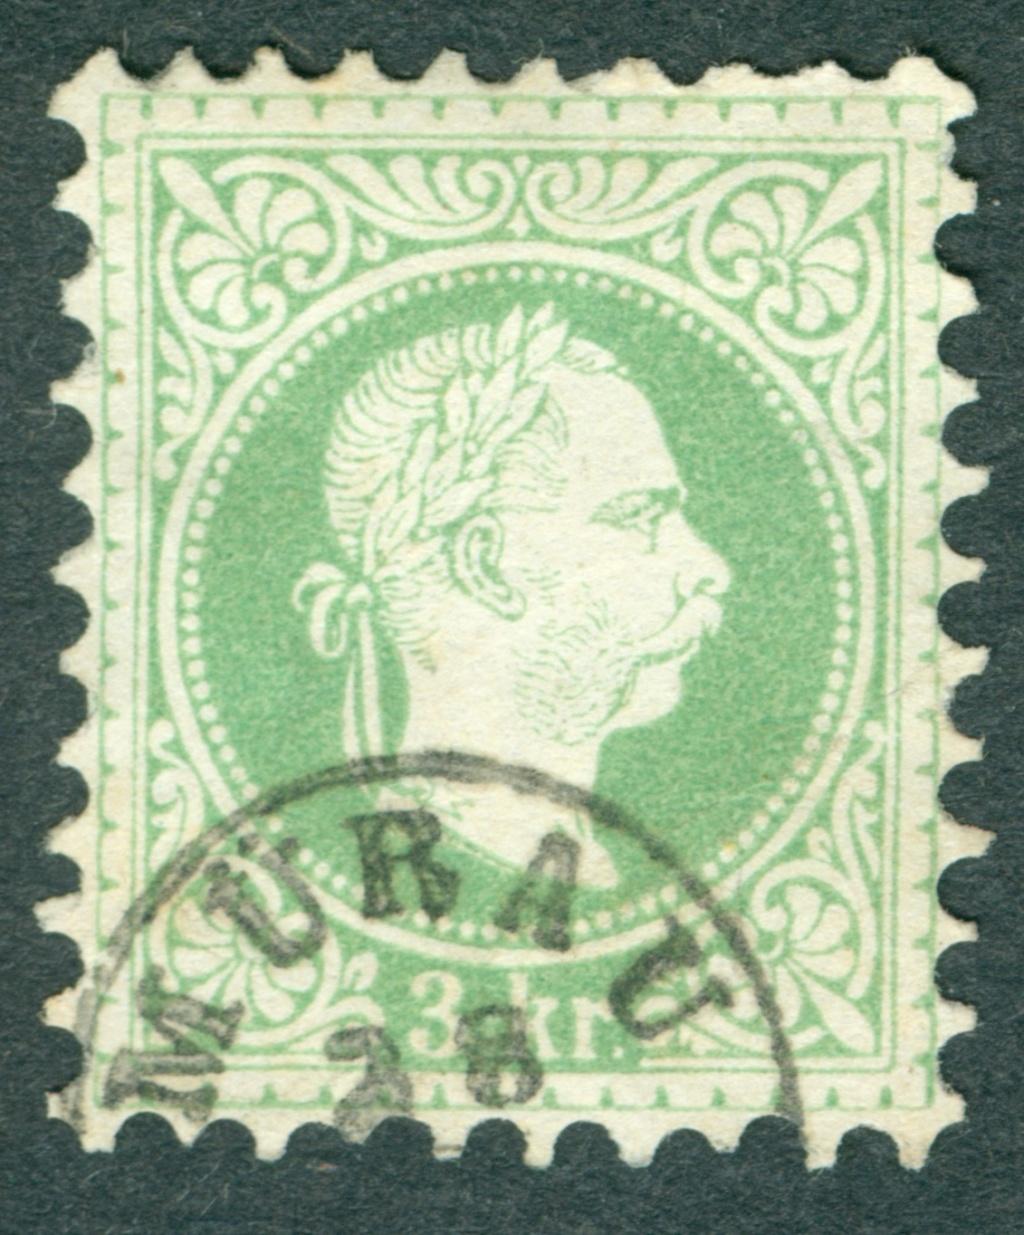 Freimarken-Ausgabe 1867 : Kopfbildnis Kaiser Franz Joseph I - Seite 20 1867_310